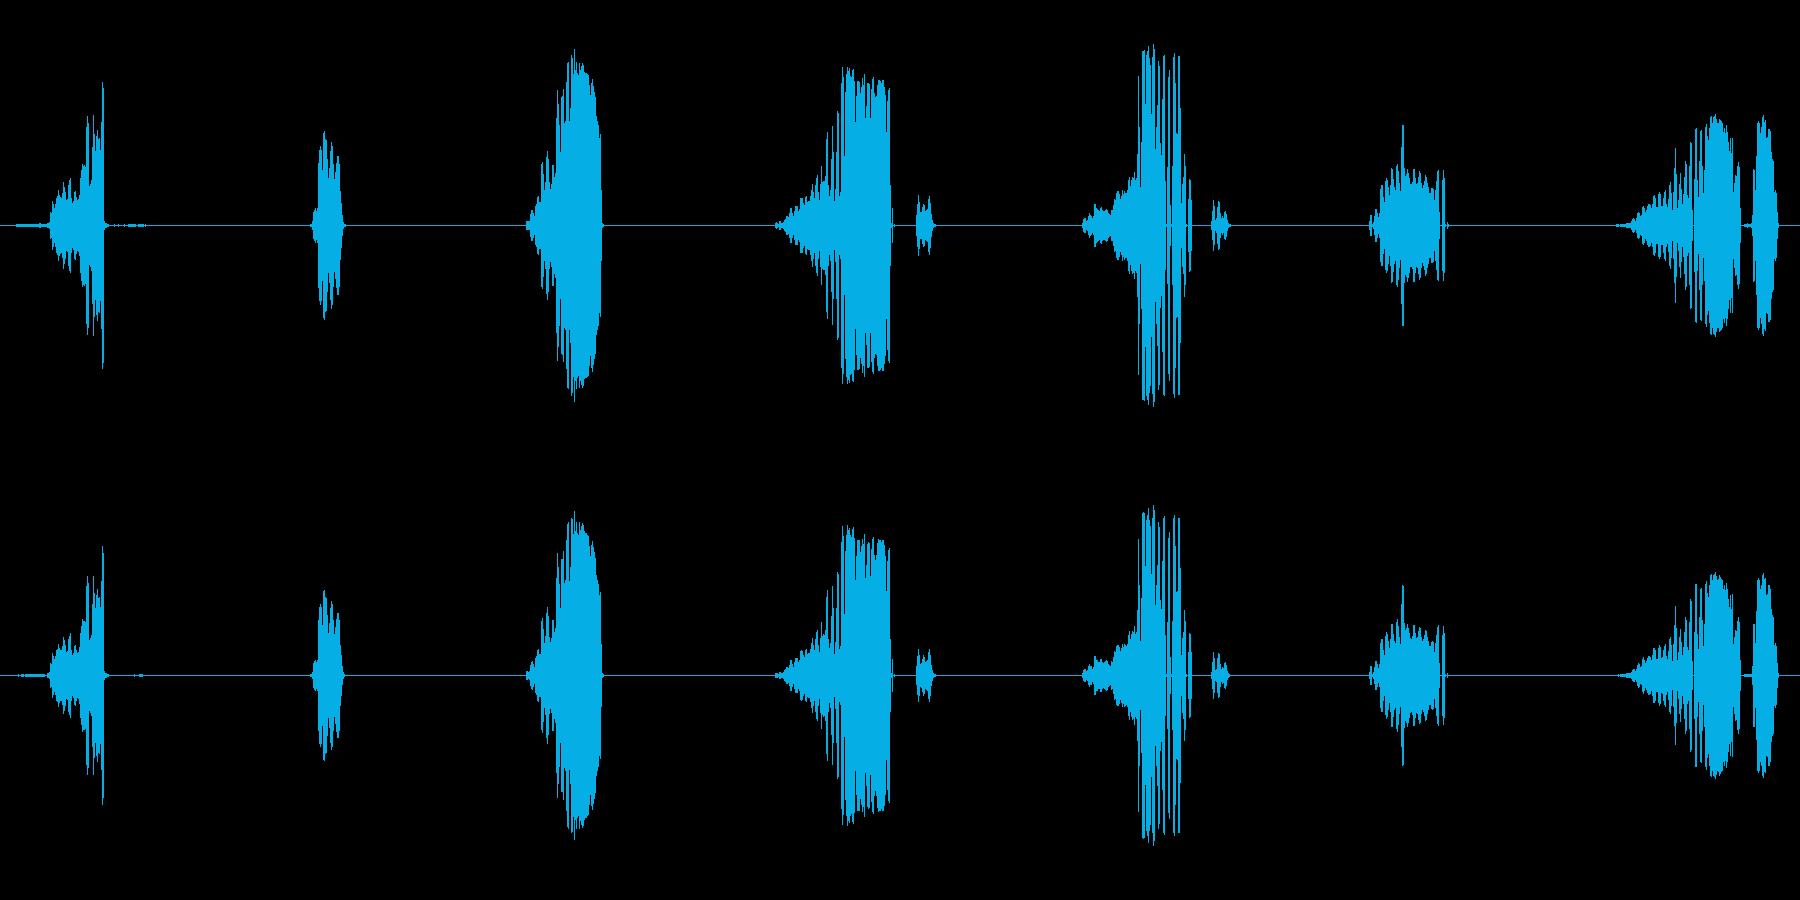 さまざまな金切り声の再生済みの波形